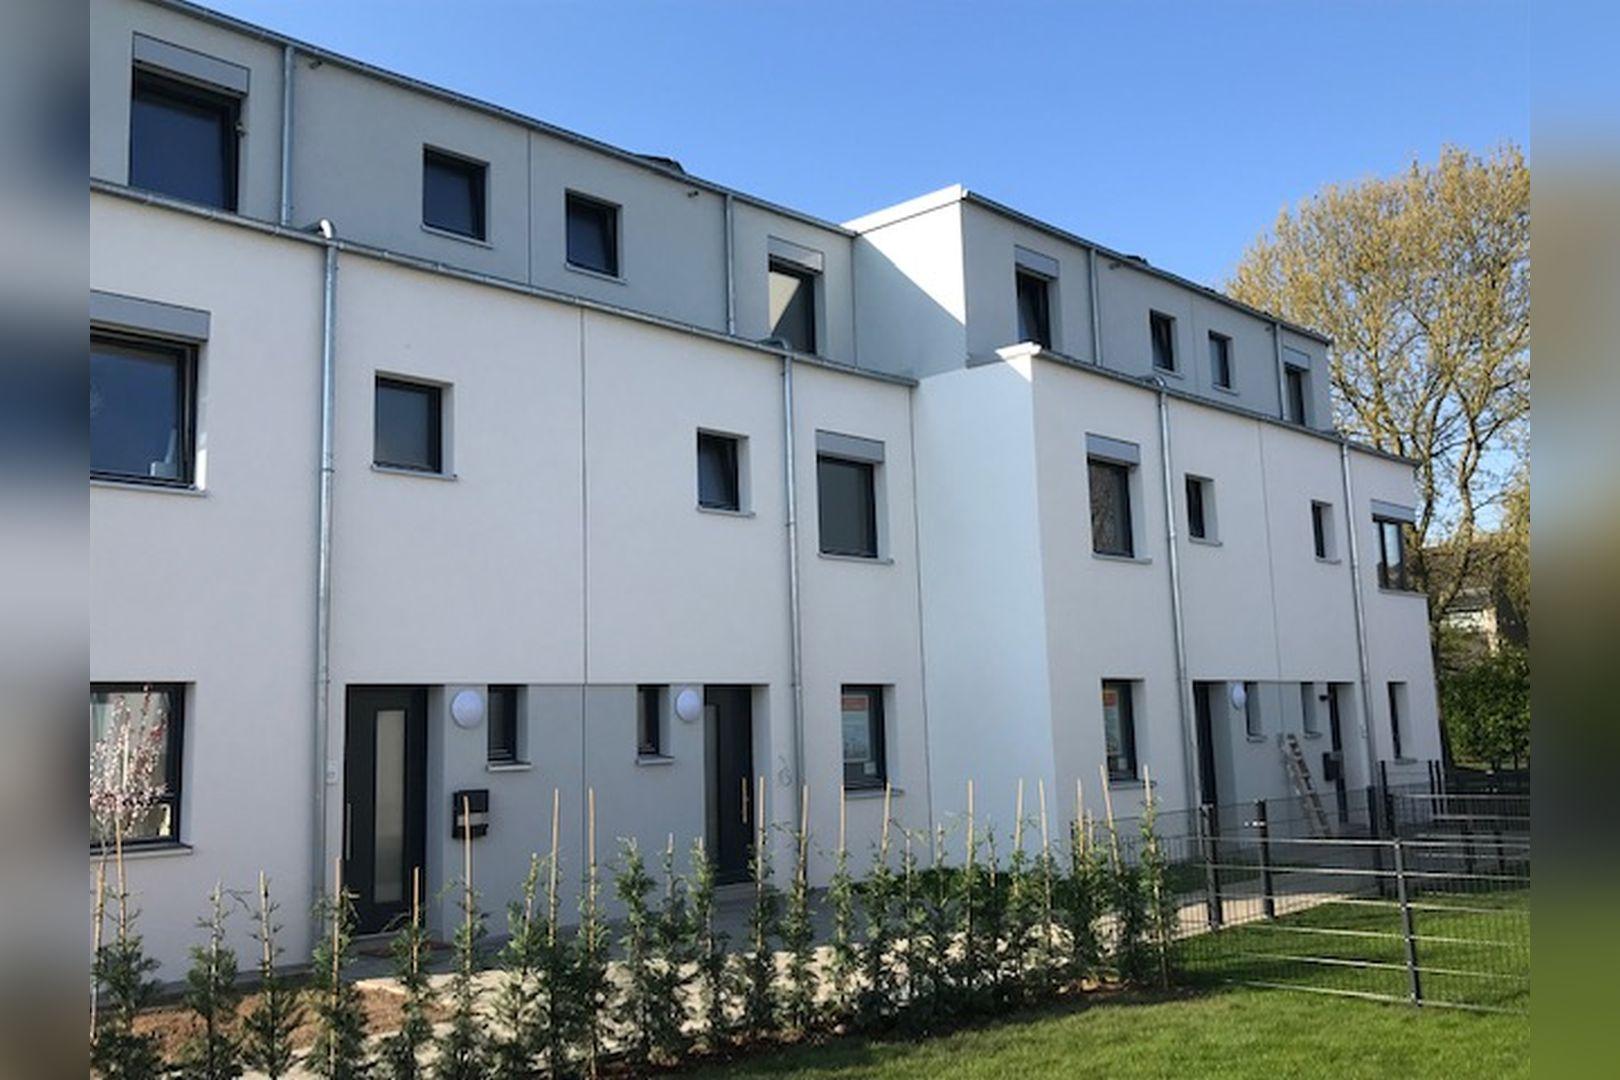 Immobilie Nr.BÖ-11 - BÖ-11; Reihenmittelhaus mit Terrasse, Garten und 2 TG-Stellplätzen - Bild 10.jpg